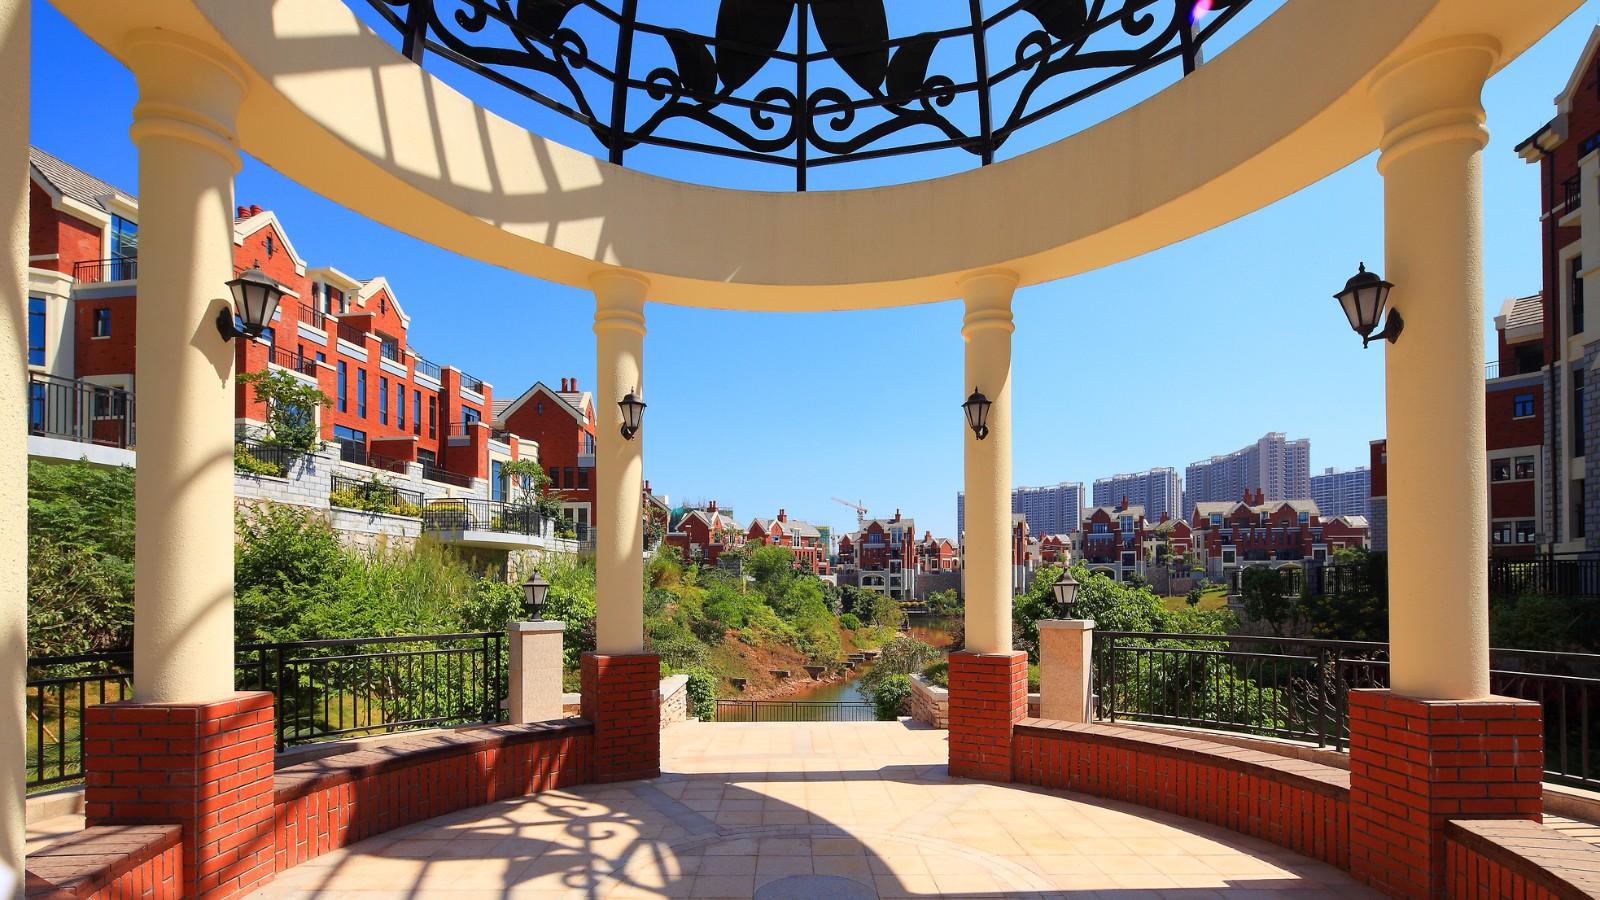 西班牙建筑风格,邻湖,由1栋主楼,1栋辅楼和3栋独立客房(独栋别墅)组成